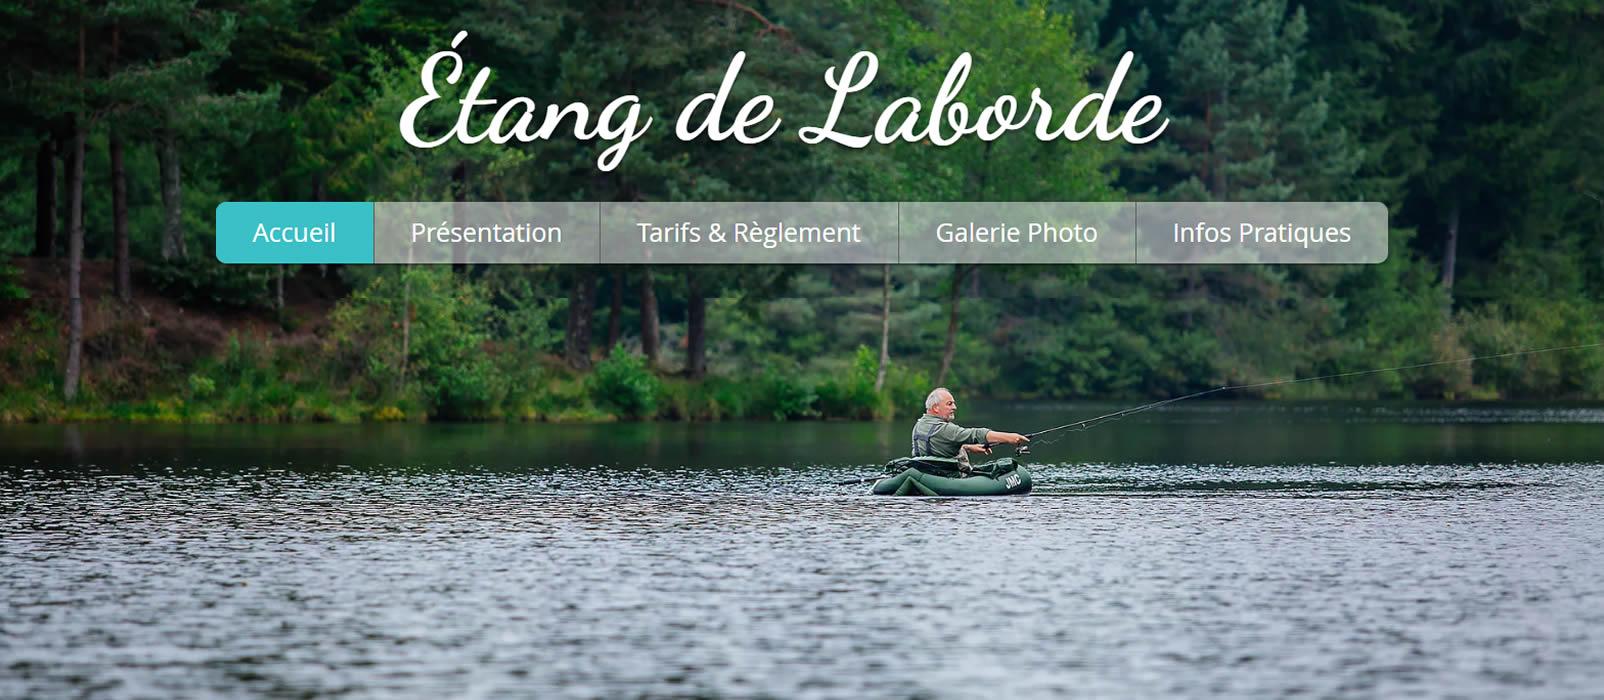 Photo partenaire - L'étang de la Borde - Les eaux de pêche - Bienvenue à la Vérénerie -  Chambres et table d'hôtes